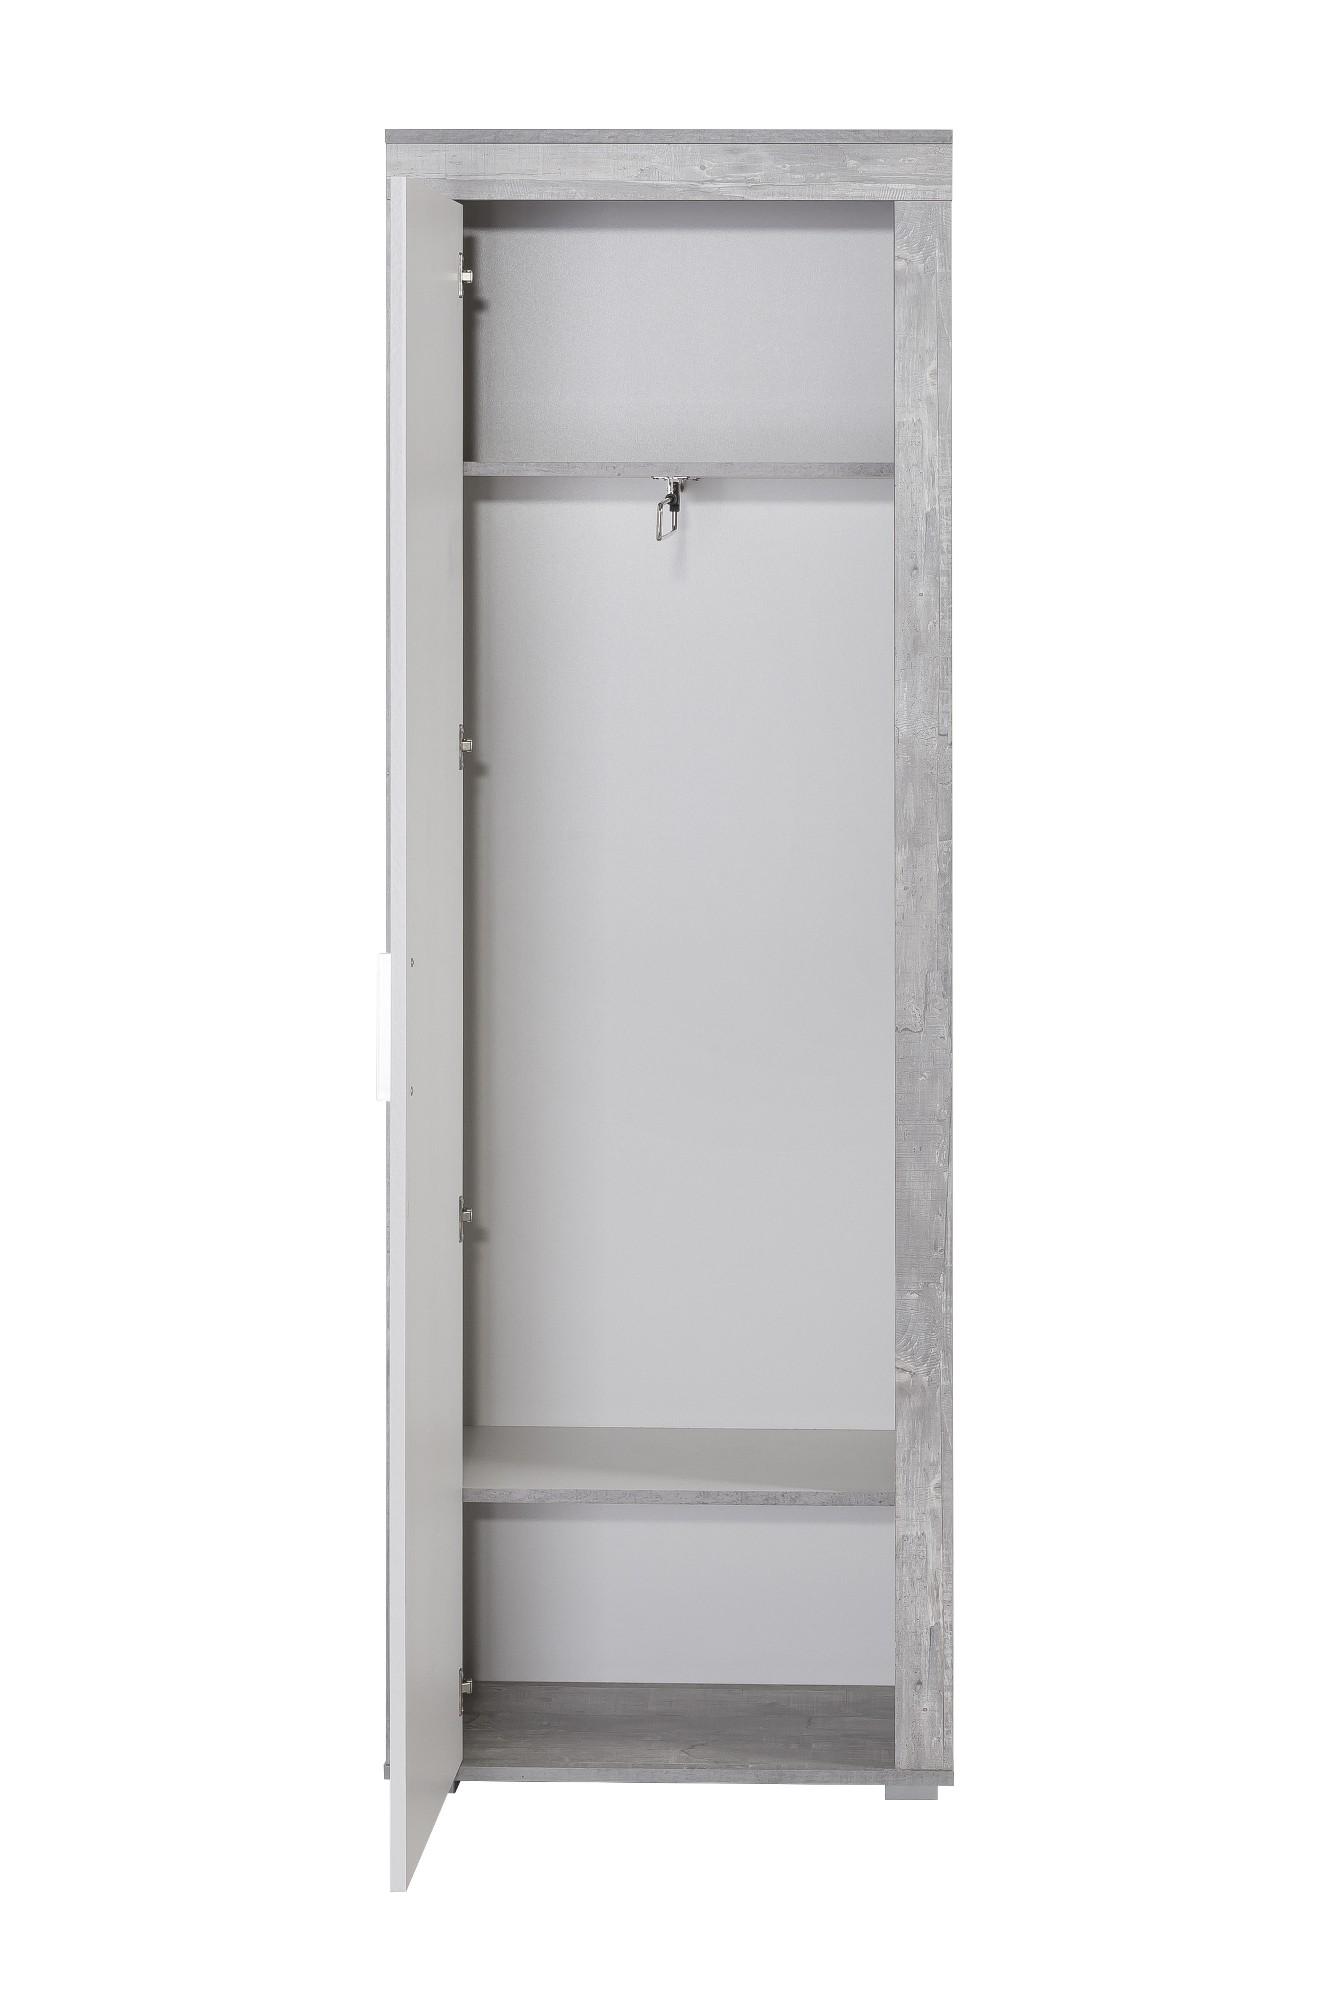 garderobenset lake 130 cm breit 3 teilig wei beton grau wohnen diele. Black Bedroom Furniture Sets. Home Design Ideas